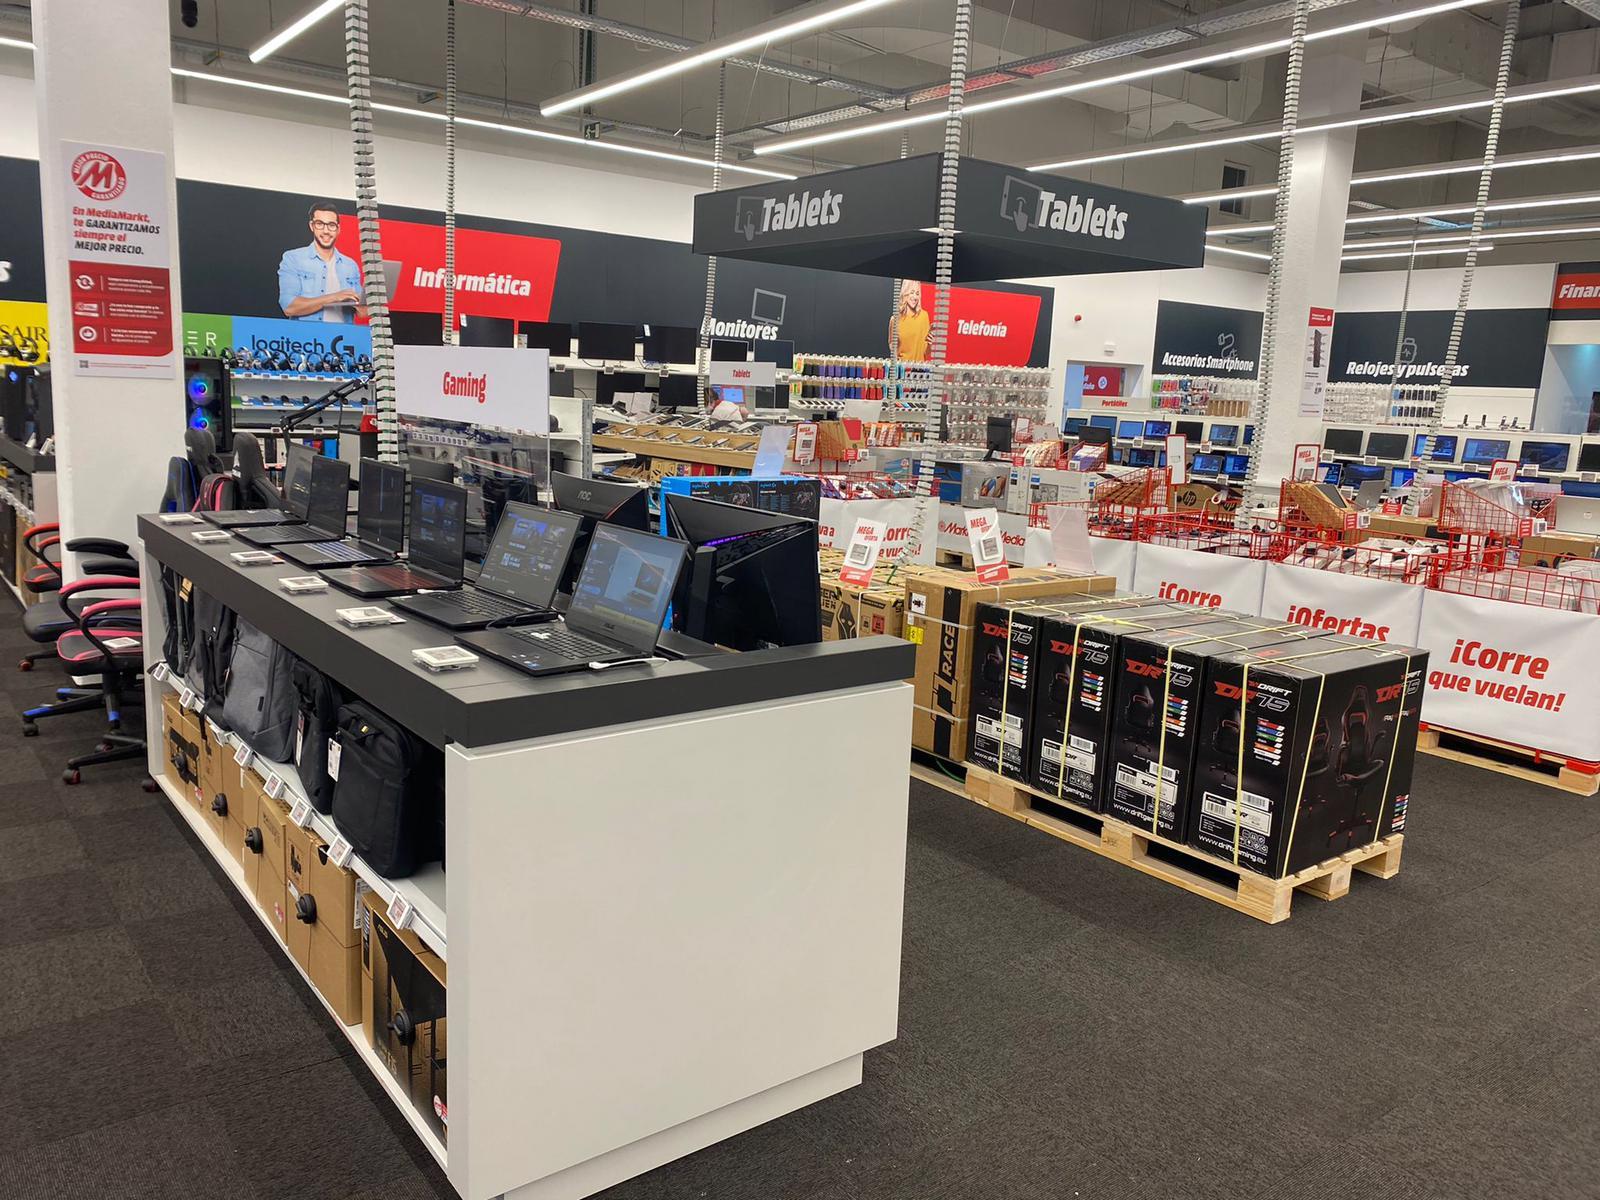 MediaMarkt estrena en AireSur, Sevilla, el formato de conveniencia con el que contempla abrir hasta 40 tiendas